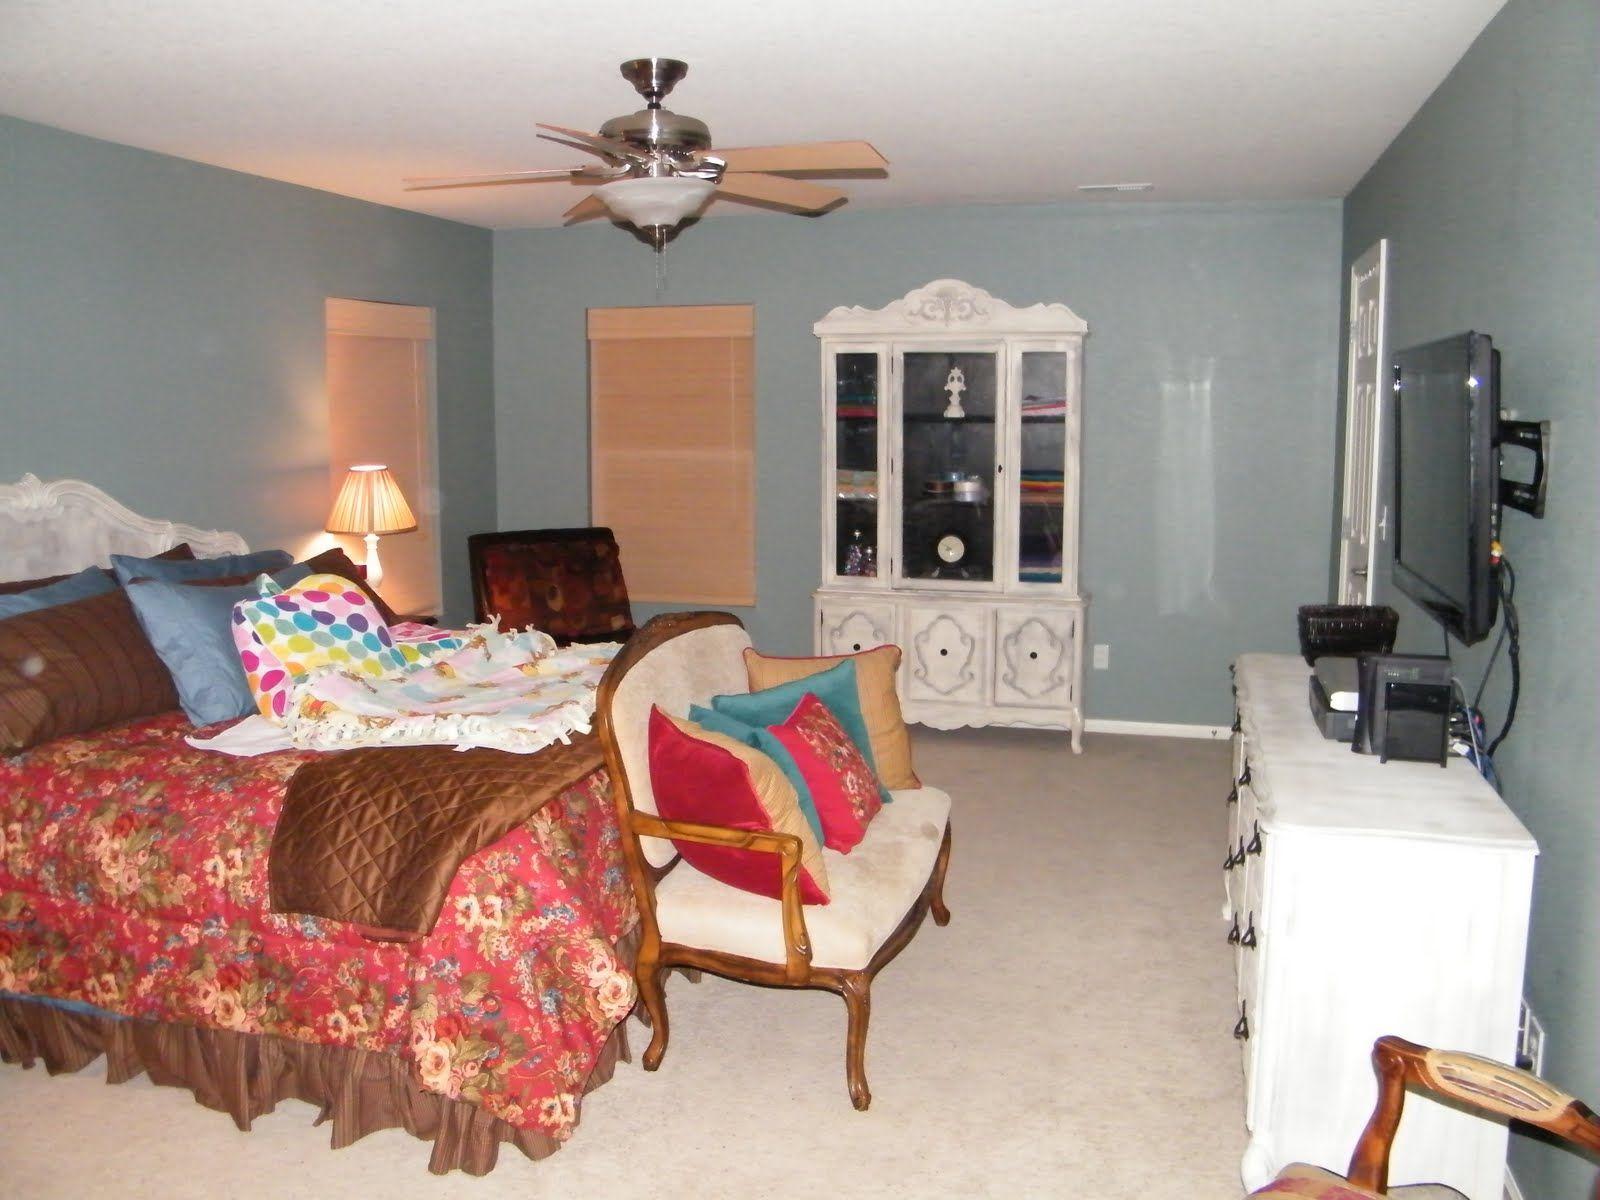 behr agave | Master Bedroom Remodel - Part 2 | DIY | Pinterest ...